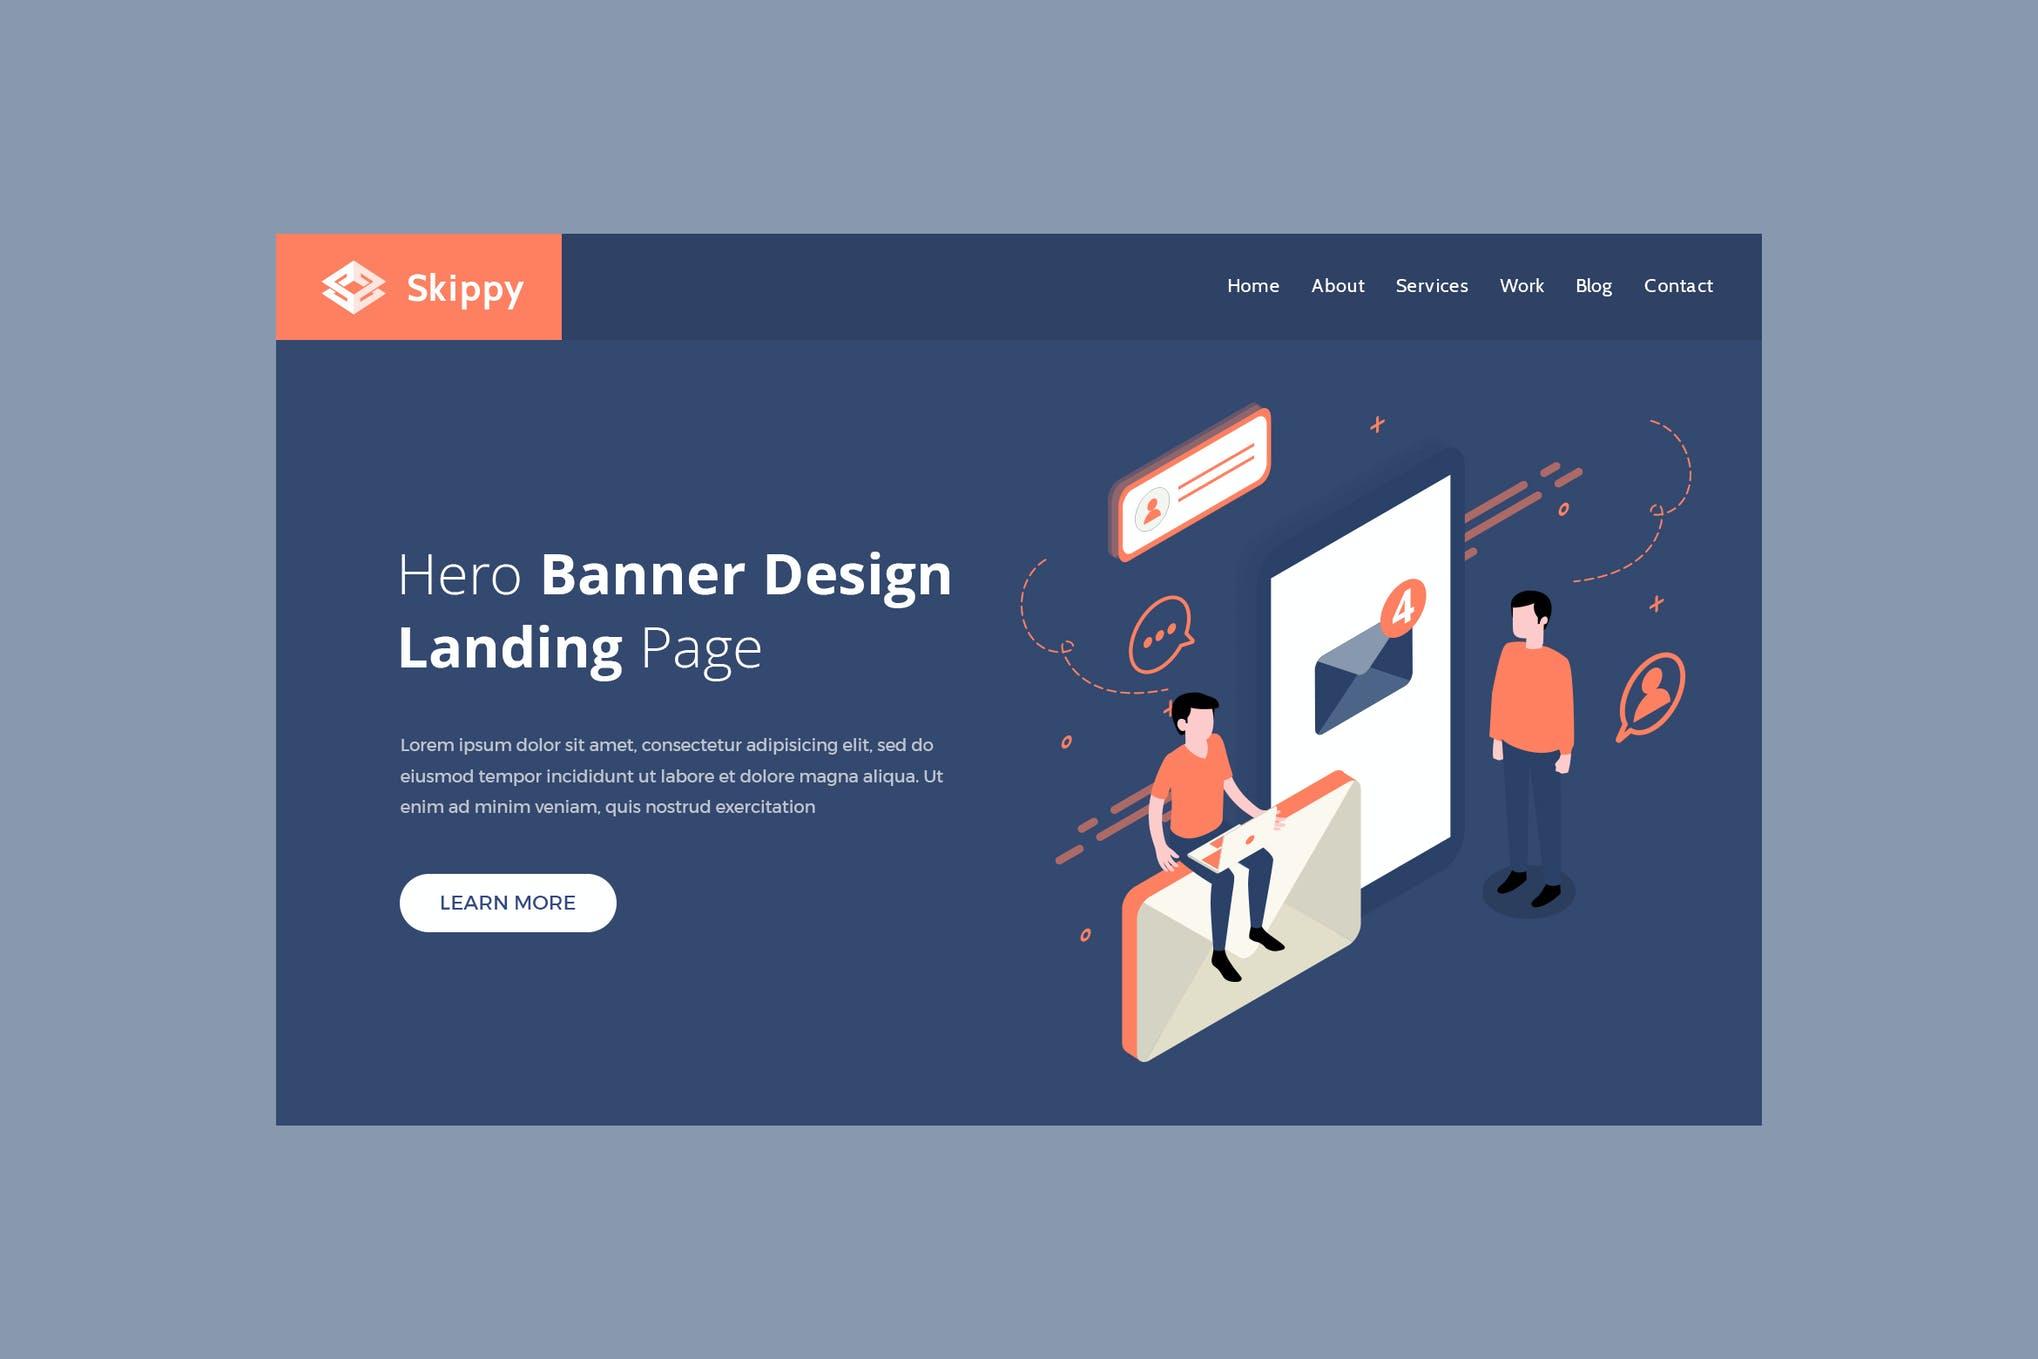 Skippy-英雄横幅模板 邮件人物插画banner